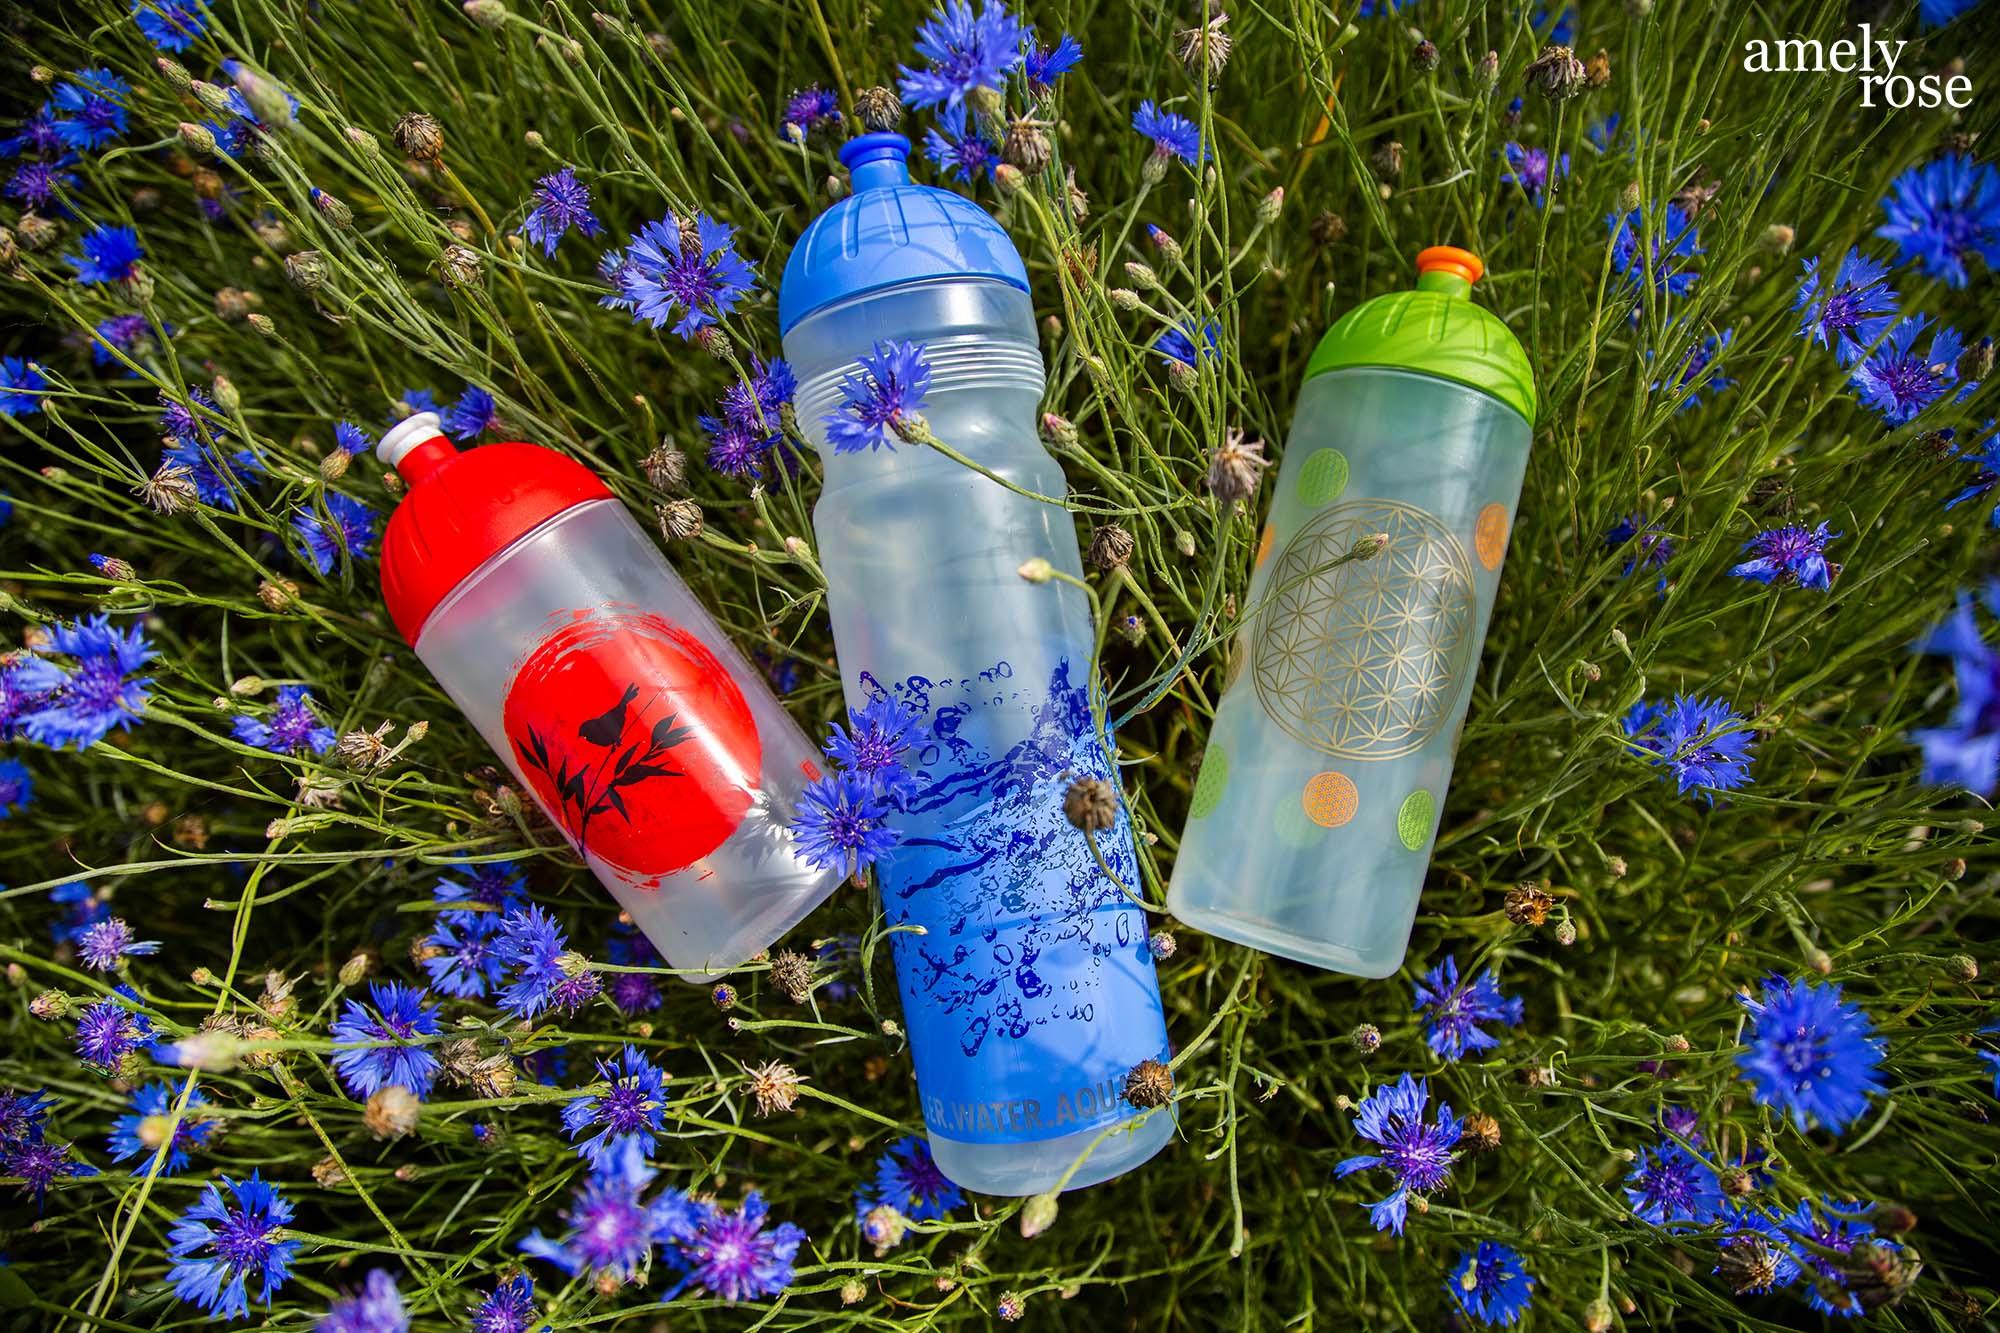 amely rose, isybe, trinkflasche, summer sommer hitze stay_hydrated_sport_sommerfigur_bikinifigur_blumen_blumenfeld_fashionblog_summer_essentials